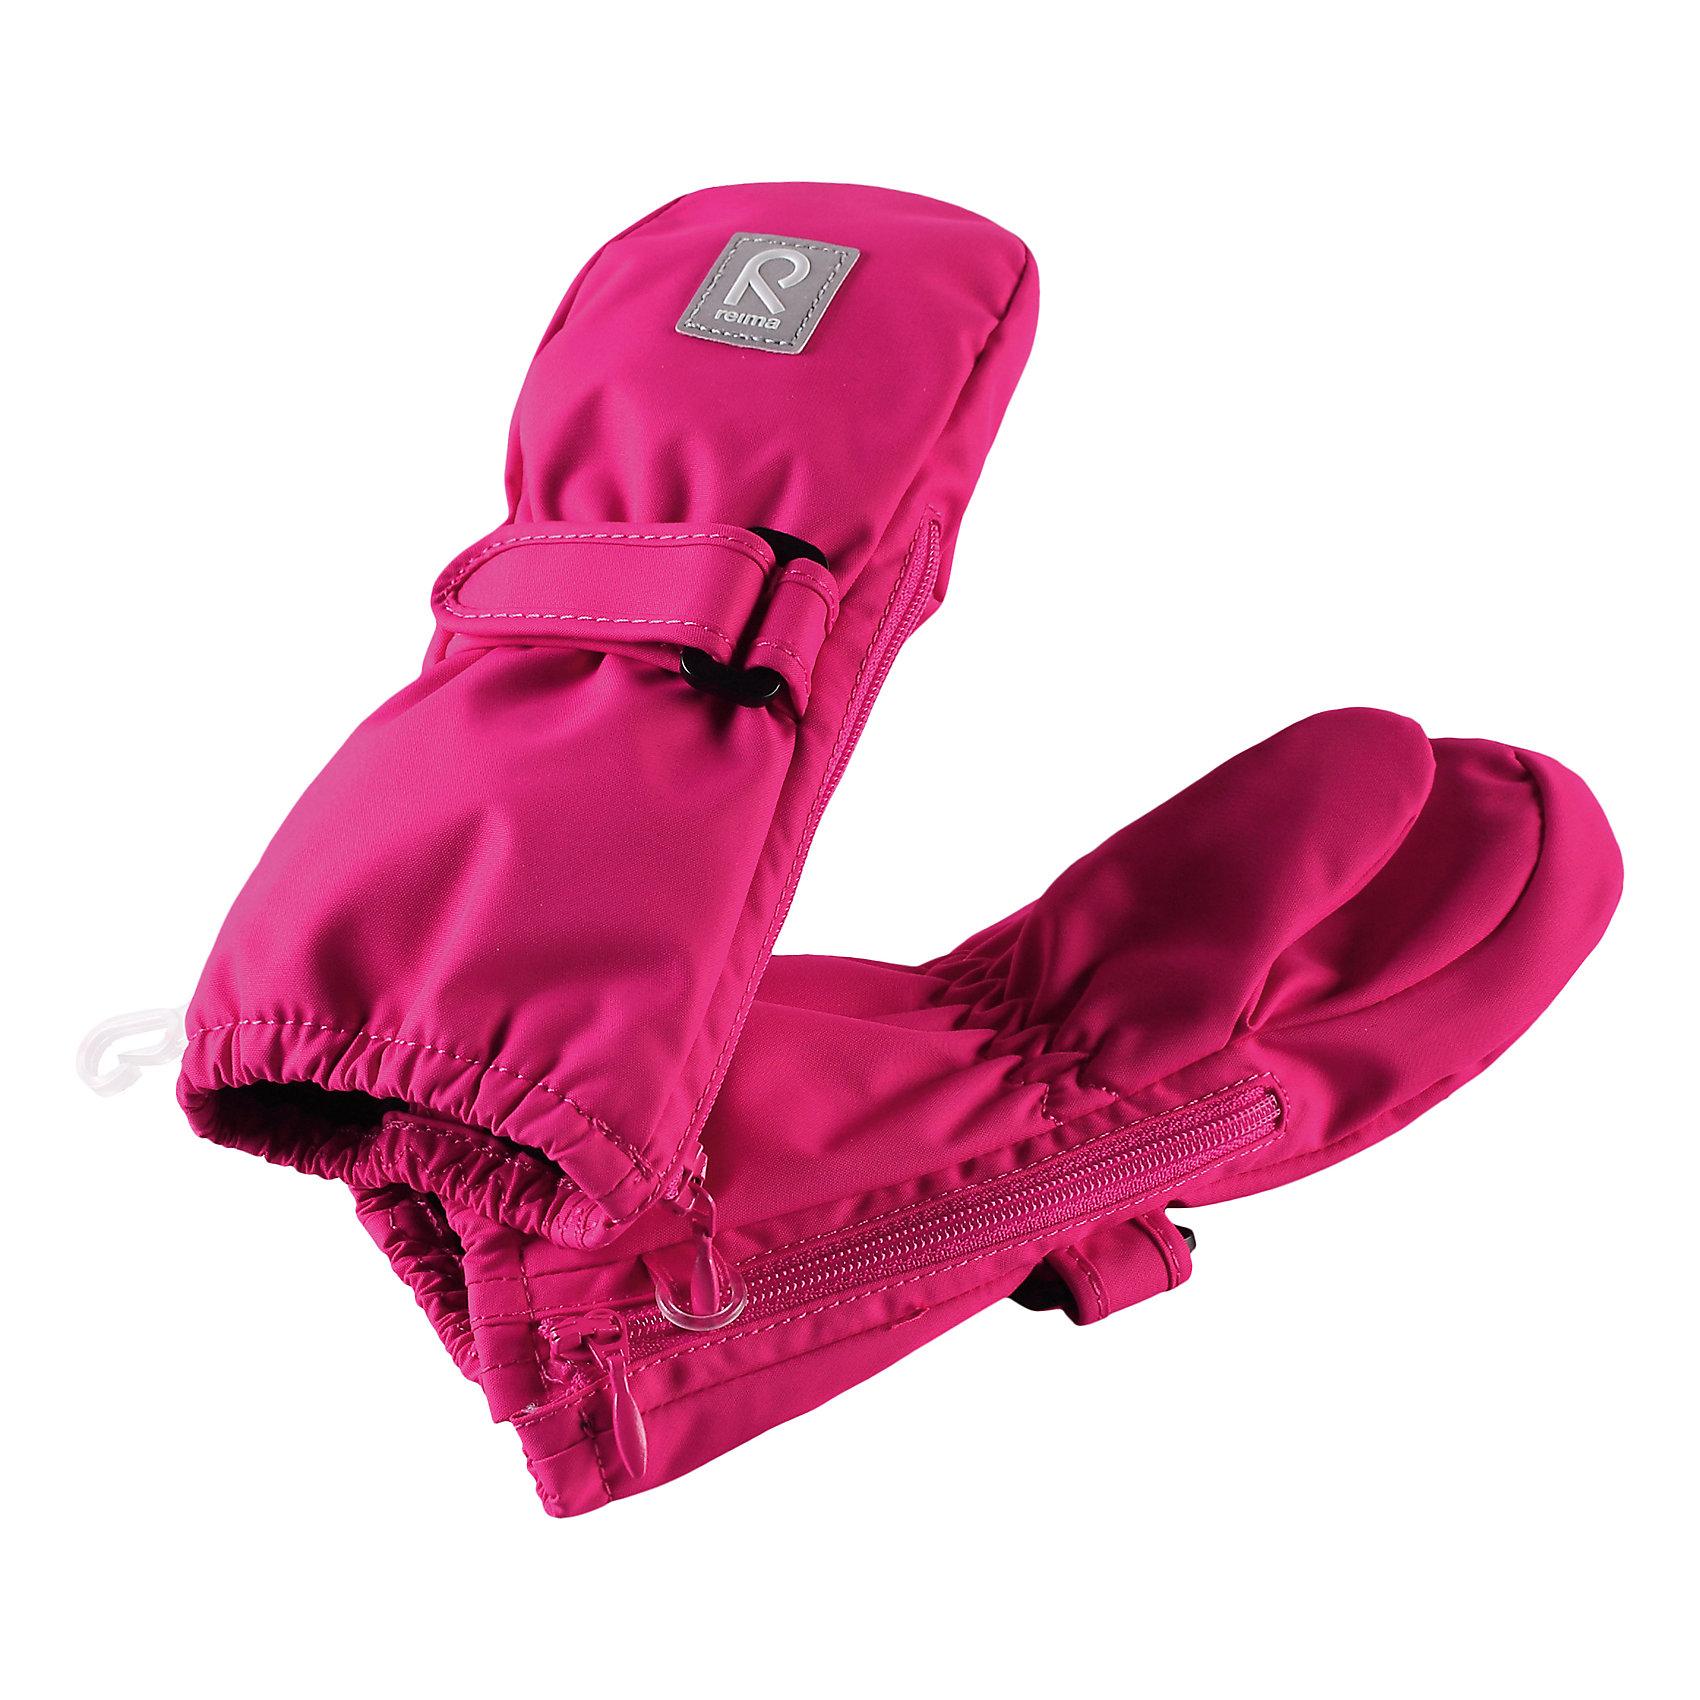 Варежки Poimii для девочки ReimaПерчатки и варежки<br>Характеристики товара:<br><br>• цвет: розовый<br>• состав: 100% полиэстер, полиуретановое покрытие<br>• температурный режим: от 0° до +10°С<br>• водонепроницаемость: 15000 мм<br>• воздухопроницаемость: 5000 мм<br>• износостойкость: 40000 циклов (тест Мартиндейла)<br>• без утеплителя<br>• водонепроницаемый материал без вставки - изделие не является водонепроницаемым<br>• износостойкий материал<br>• ветронепроницаемый, водо- и грязеотталкивающий материал<br>• трикотажная подкладка из полиэстера с начесом<br>• примечание: из-за наличия молнии изделие не является водонепроницаемым<br>• застёжка-липучка спереди, регулирует объем<br>• можно сушить в сушильном шкафу<br>• молния облегчает надевание<br>• эмблема Reima спереди<br>• светоотражающая эмблема спереди<br>• страна производства: Китай<br>• страна бренда: Финляндия<br>• коллекция: весна-лето 2017<br><br>Reima представляет новые варежки для детей. Они помогут обеспечить ребенку комфорт и дополнить наряд. Варежки отлично смотрятся с различной одеждой. Изделия удобно сидят и модно выглядят, в их основе - водо- и ветронепроницаемый грязеотталкивающий материал. Просты в уходе, долго служат. Стильный дизайн разрабатывался специально для детей.<br><br>Одежда и обувь от финского бренда Reima пользуется популярностью во многих странах. Эти изделия стильные, качественные и удобные. Для производства продукции используются только безопасные, проверенные материалы и фурнитура. Порадуйте ребенка модными и красивыми вещами от Reima! <br><br>Варежки для мальчика от финского бренда Reima (Рейма) можно купить в нашем интернет-магазине.<br><br>Ширина мм: 162<br>Глубина мм: 171<br>Высота мм: 55<br>Вес г: 119<br>Цвет: розовый<br>Возраст от месяцев: 6<br>Возраст до месяцев: 18<br>Пол: Женский<br>Возраст: Детский<br>Размер: 1,2,0<br>SKU: 5271148